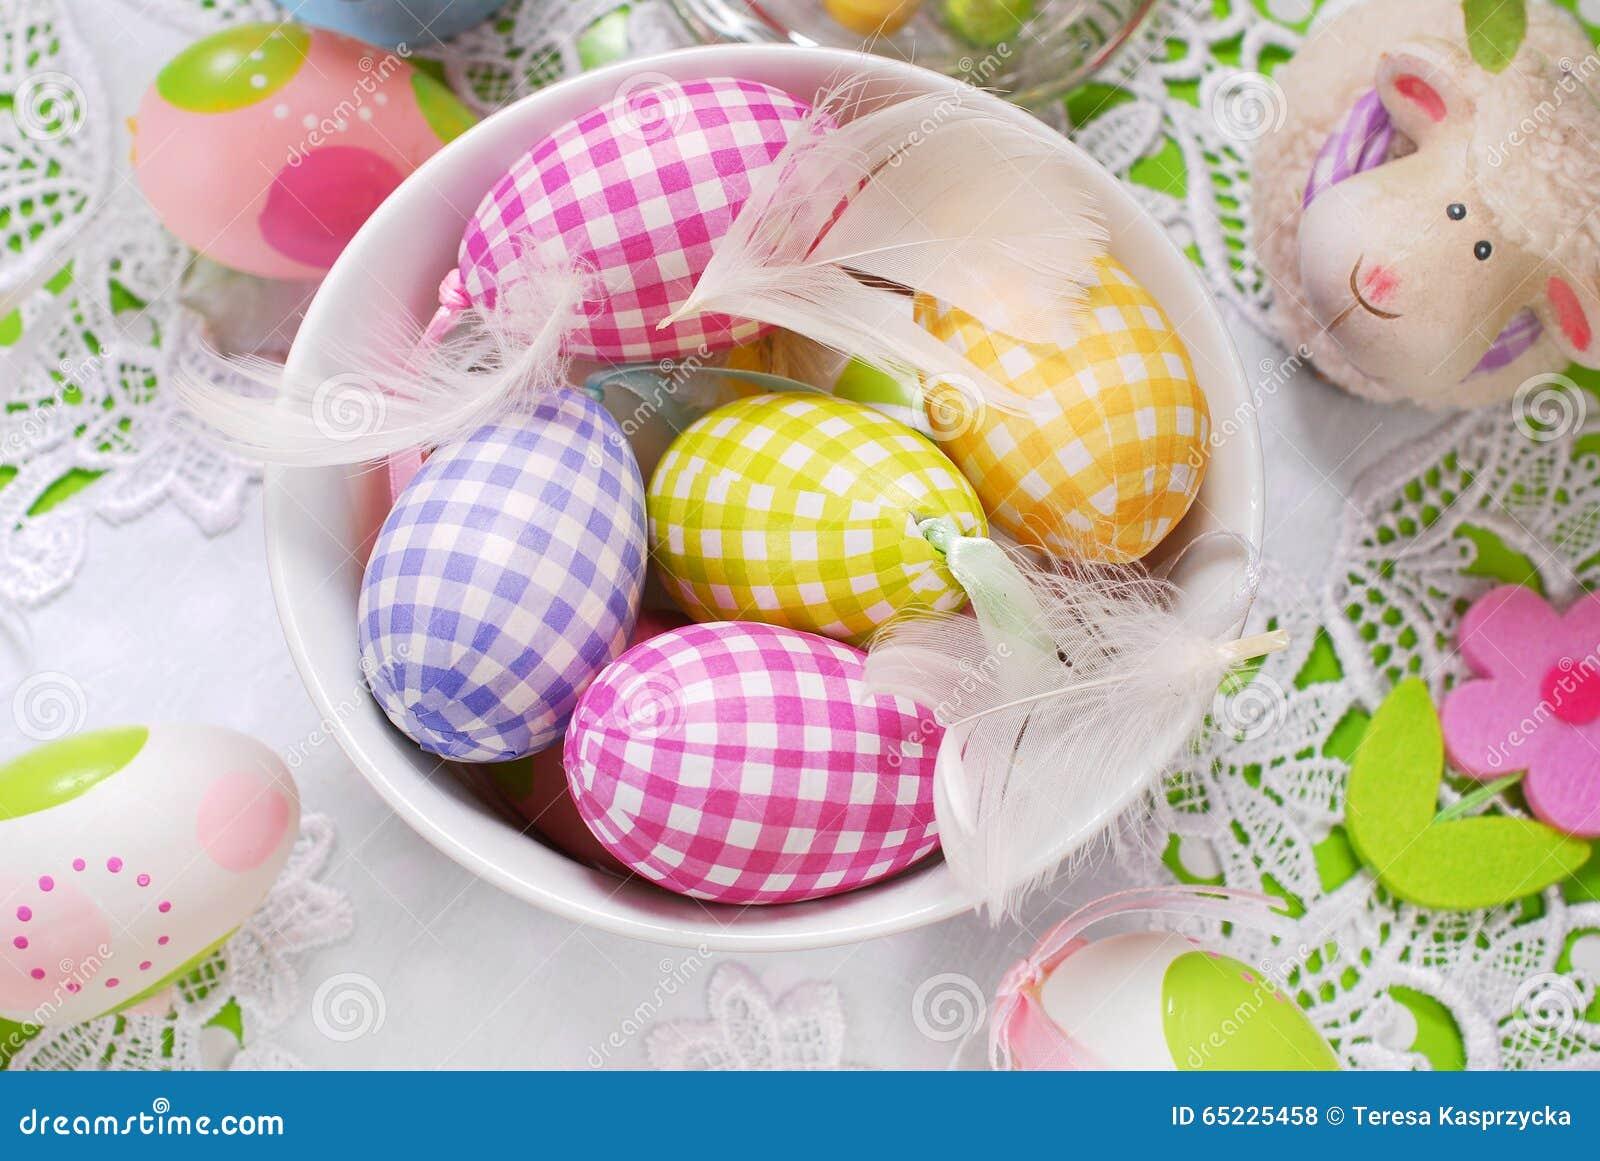 Wielkanocni jajka i piórka w pucharze